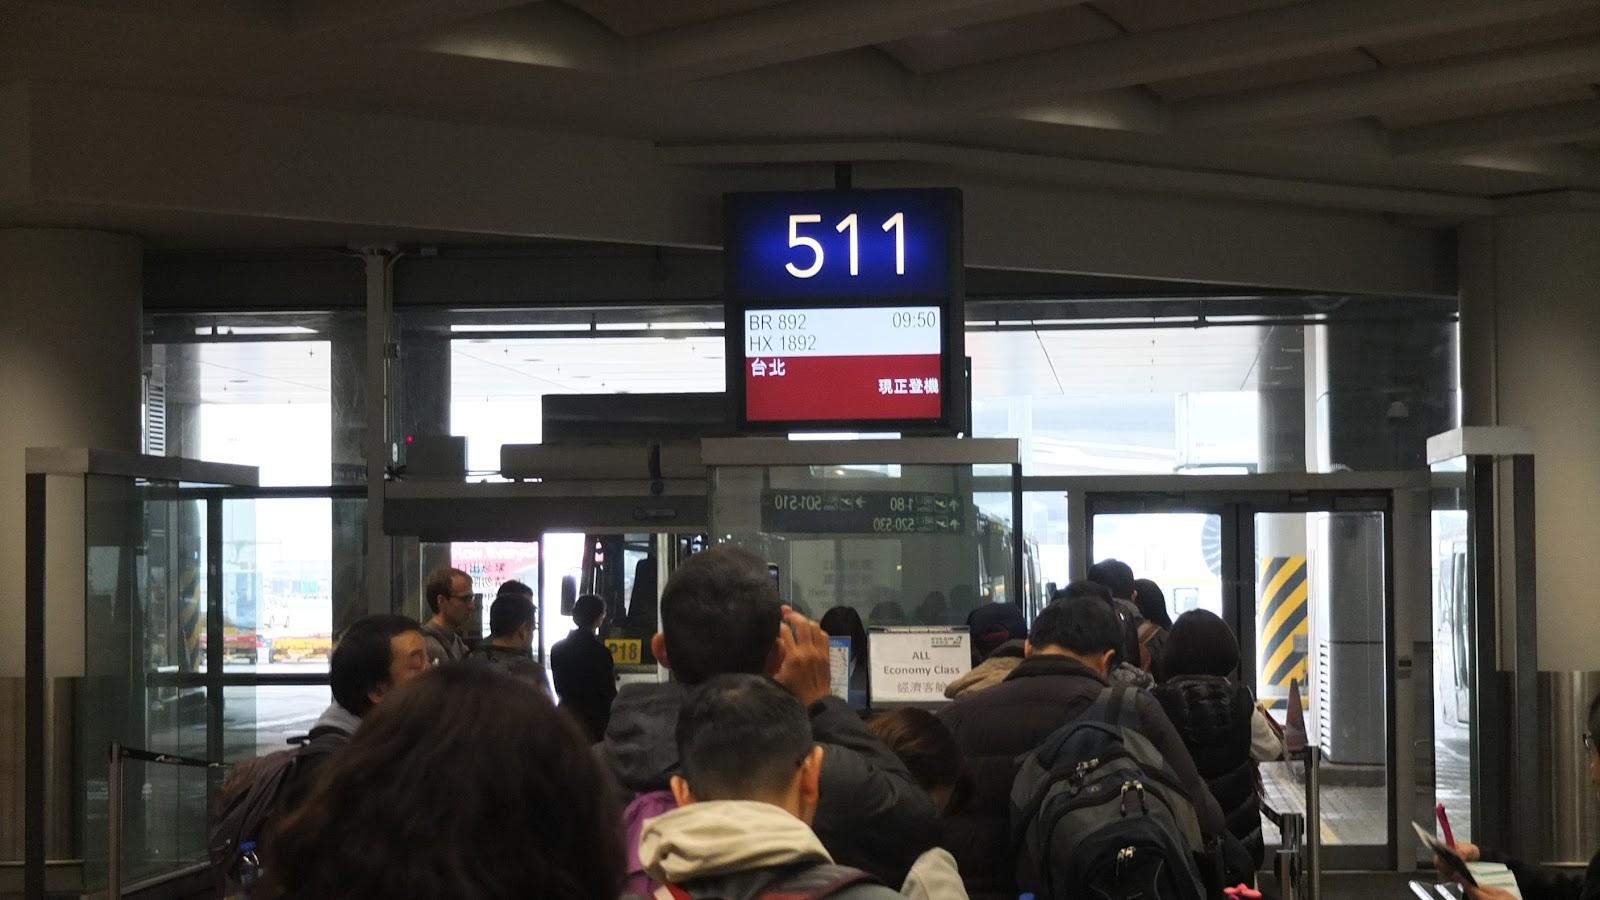 竹仔的天馬行空旅程: [飛行] BR892:第一次撘乘長榮航空的臺北飛行之旅